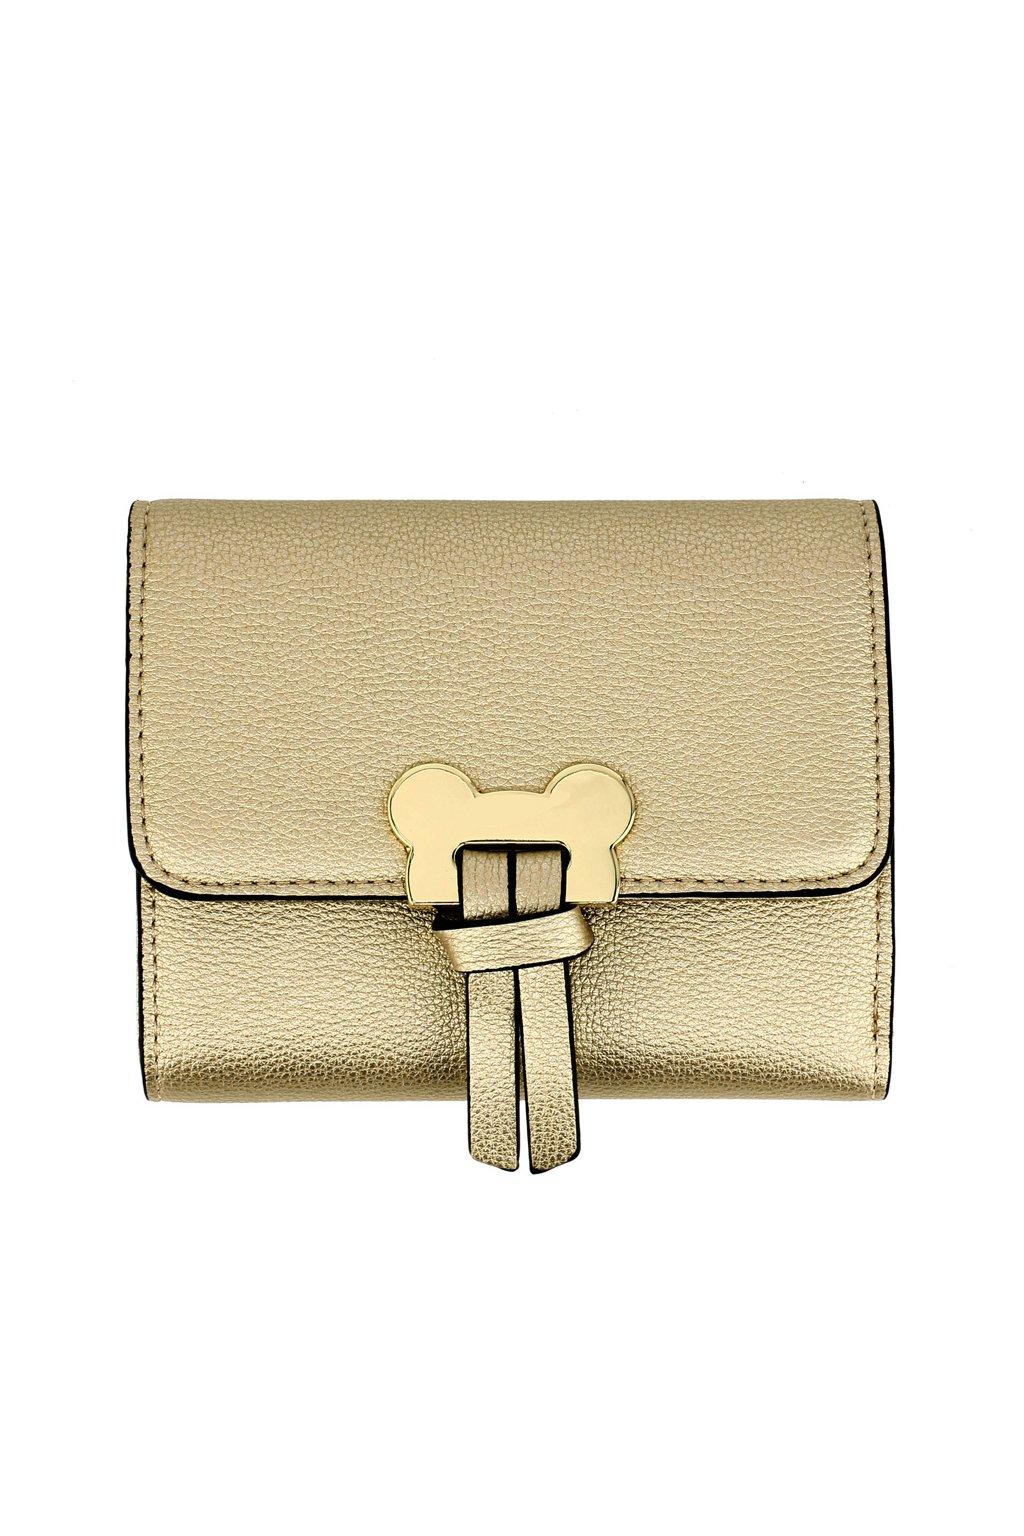 Zlatá peňaženka pre ženy Penelope AGP1089 ba809d15c6f